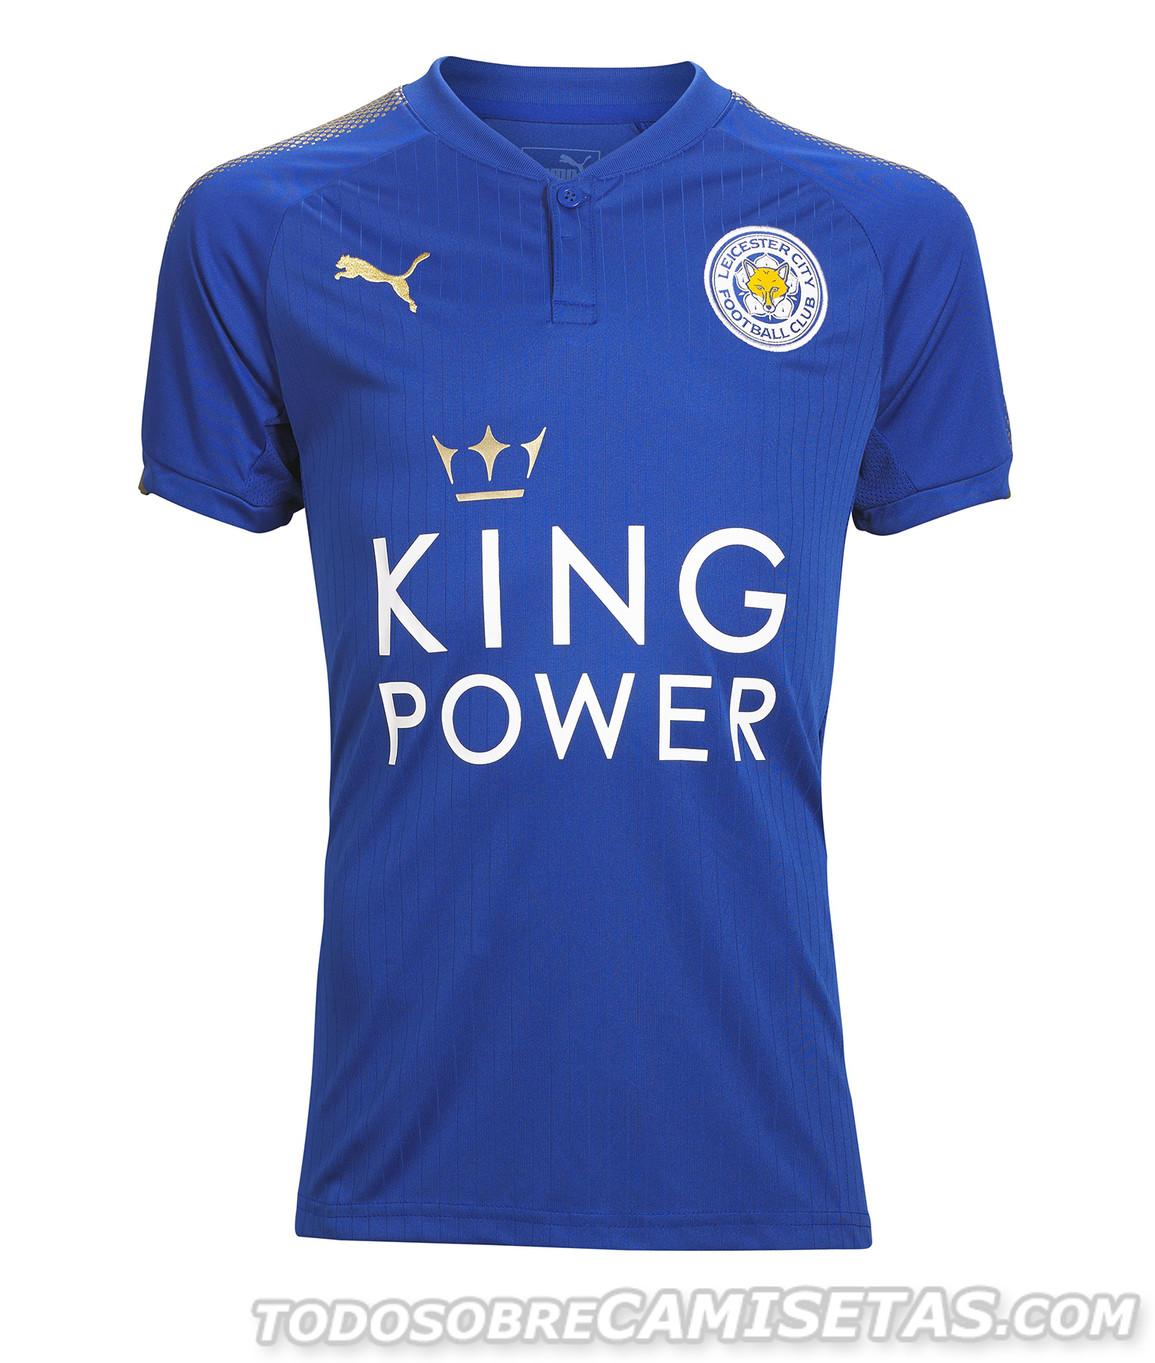 Leicester City FC Puma 2017 18 Home Kit Todo Sobre Camisetas